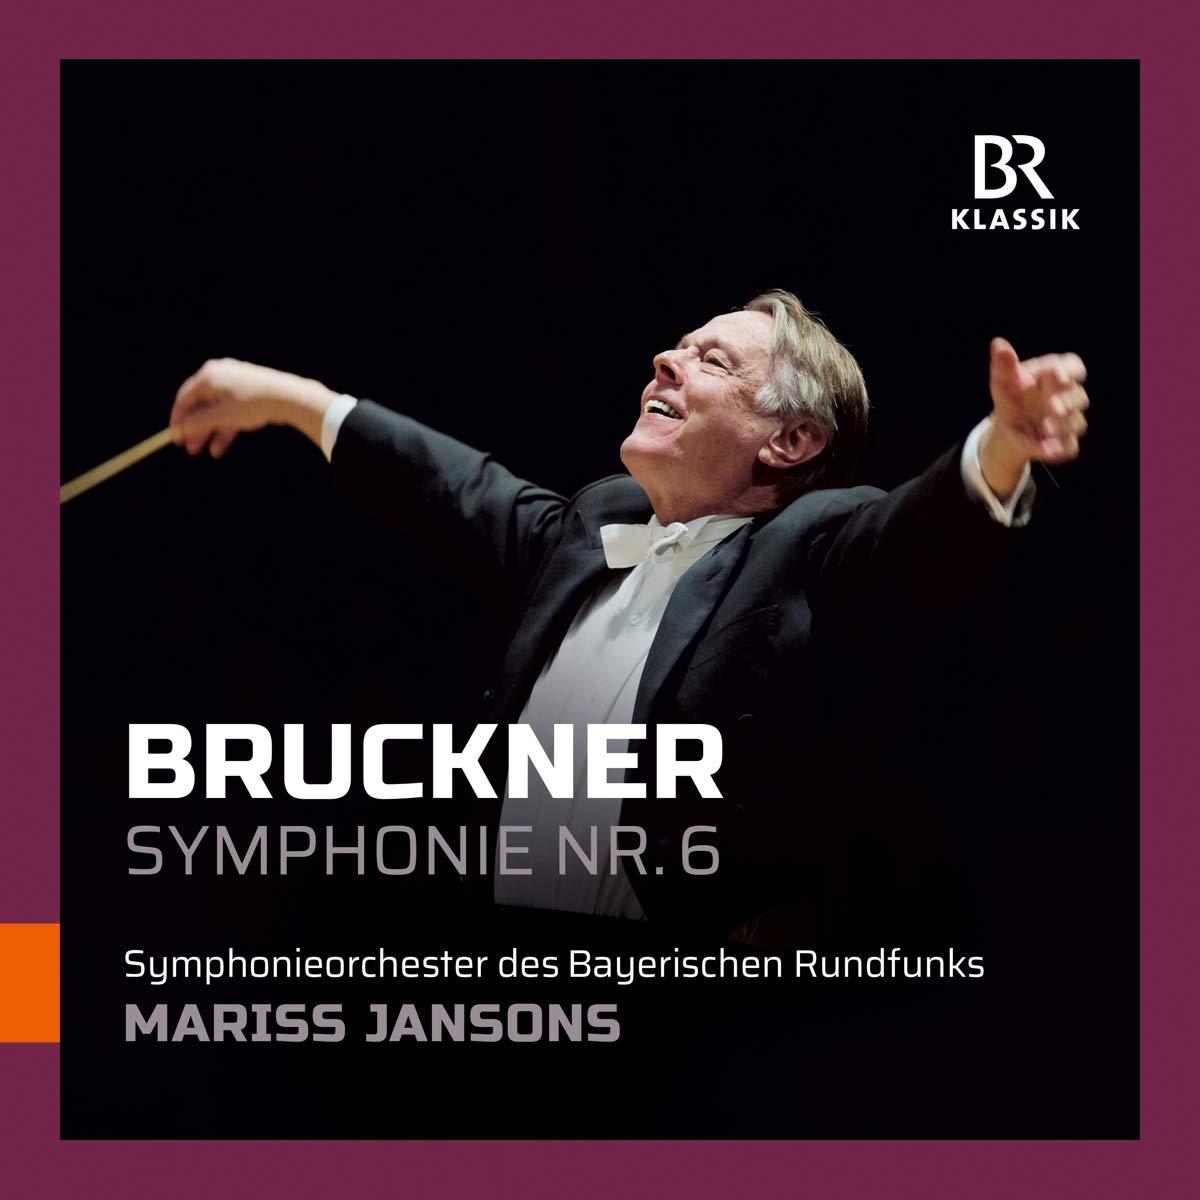 Mariss Jansons dirigiert einen heiteren, lyrischen Bruckner